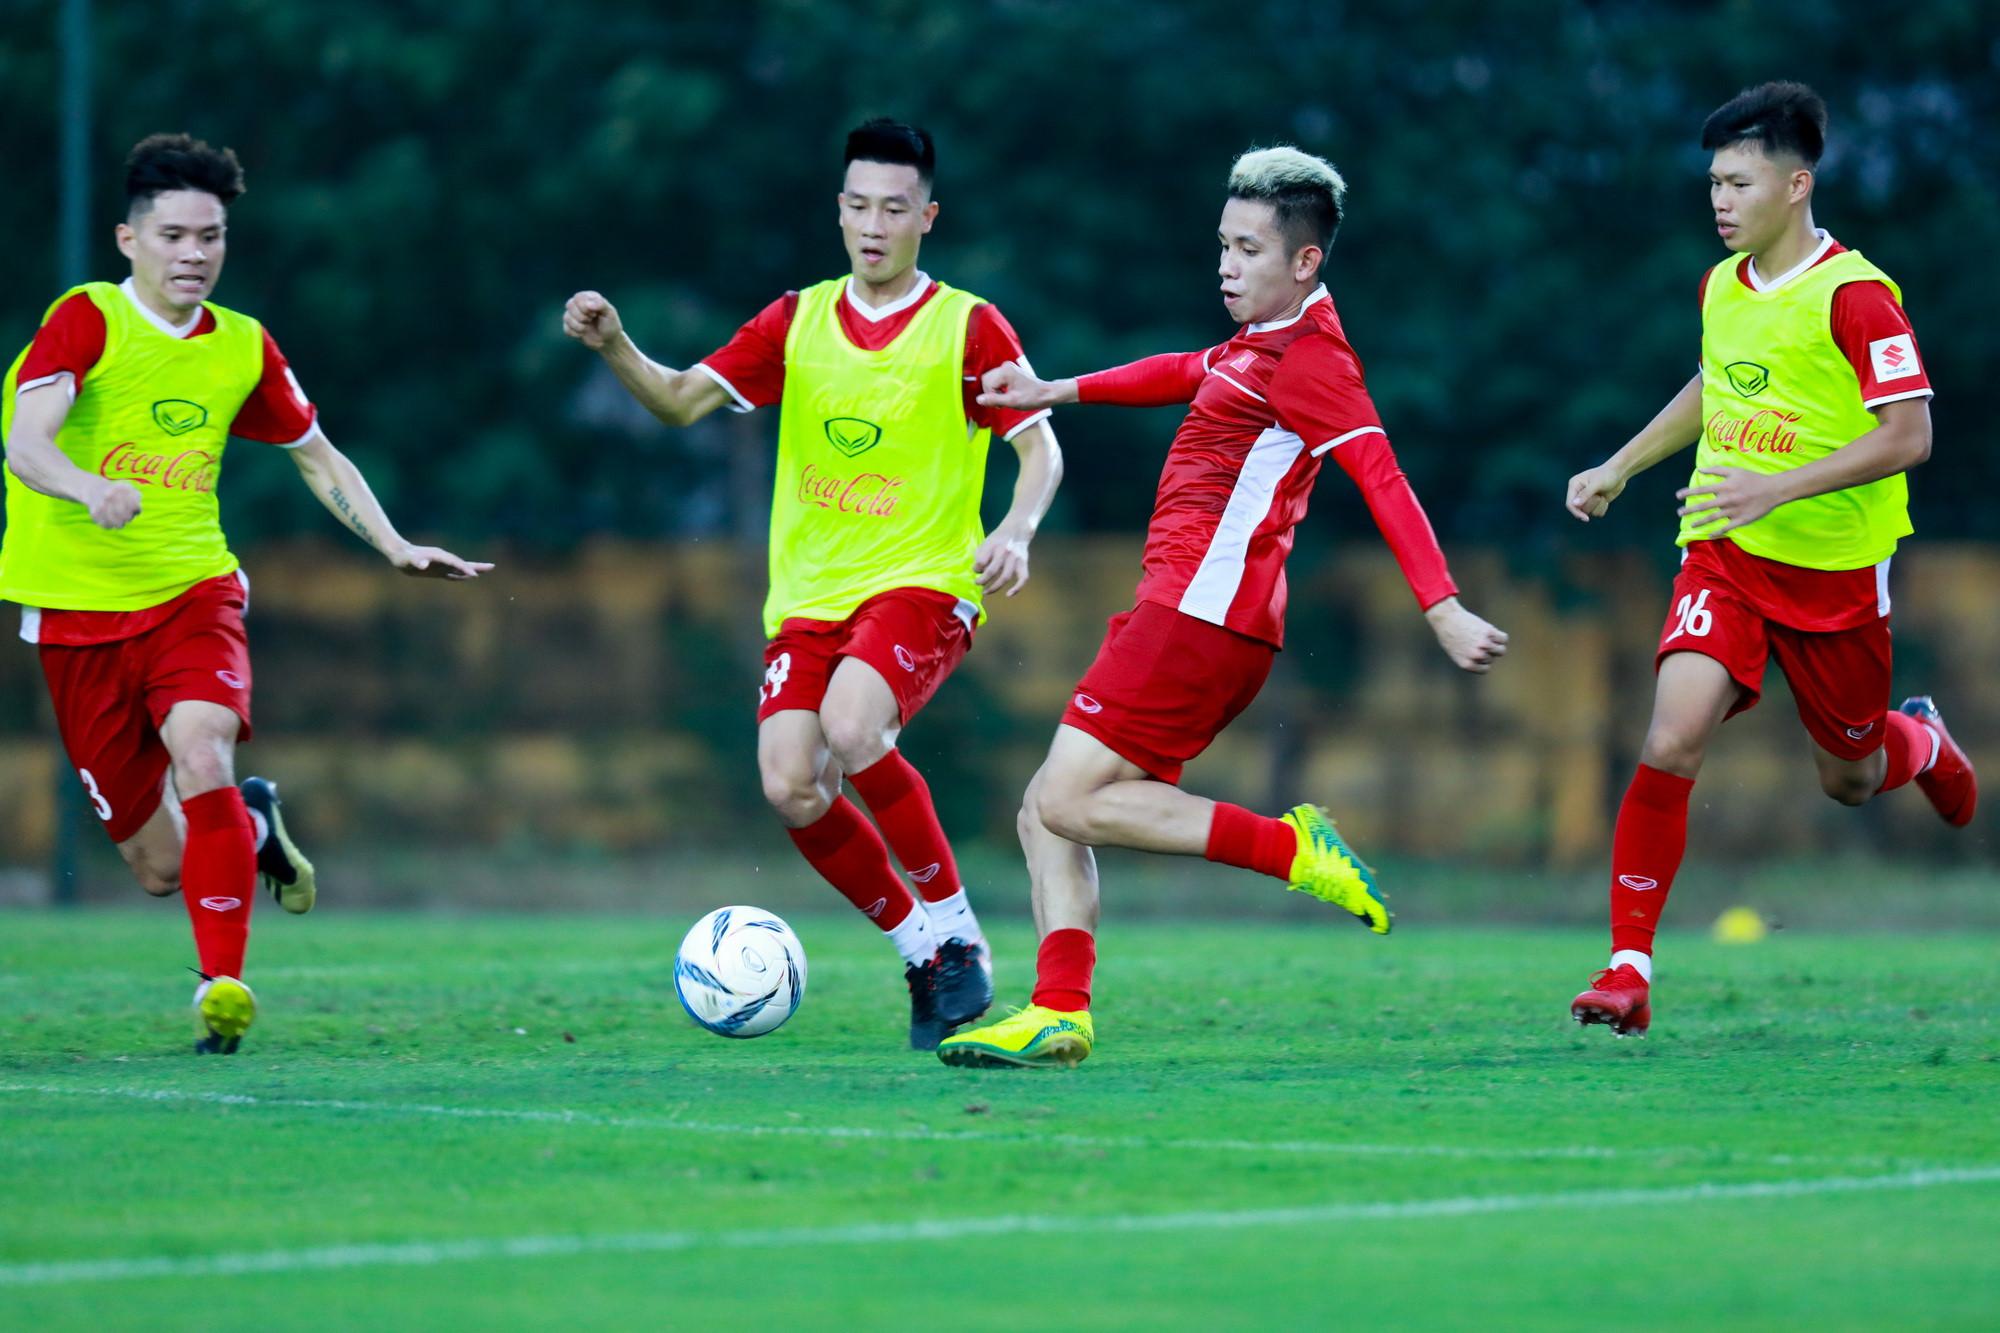 Tại sao HLV Park muốn thủ môn Incheon tiếp tục thi đấu dù nhận thẻ đỏ? Ảnh 2